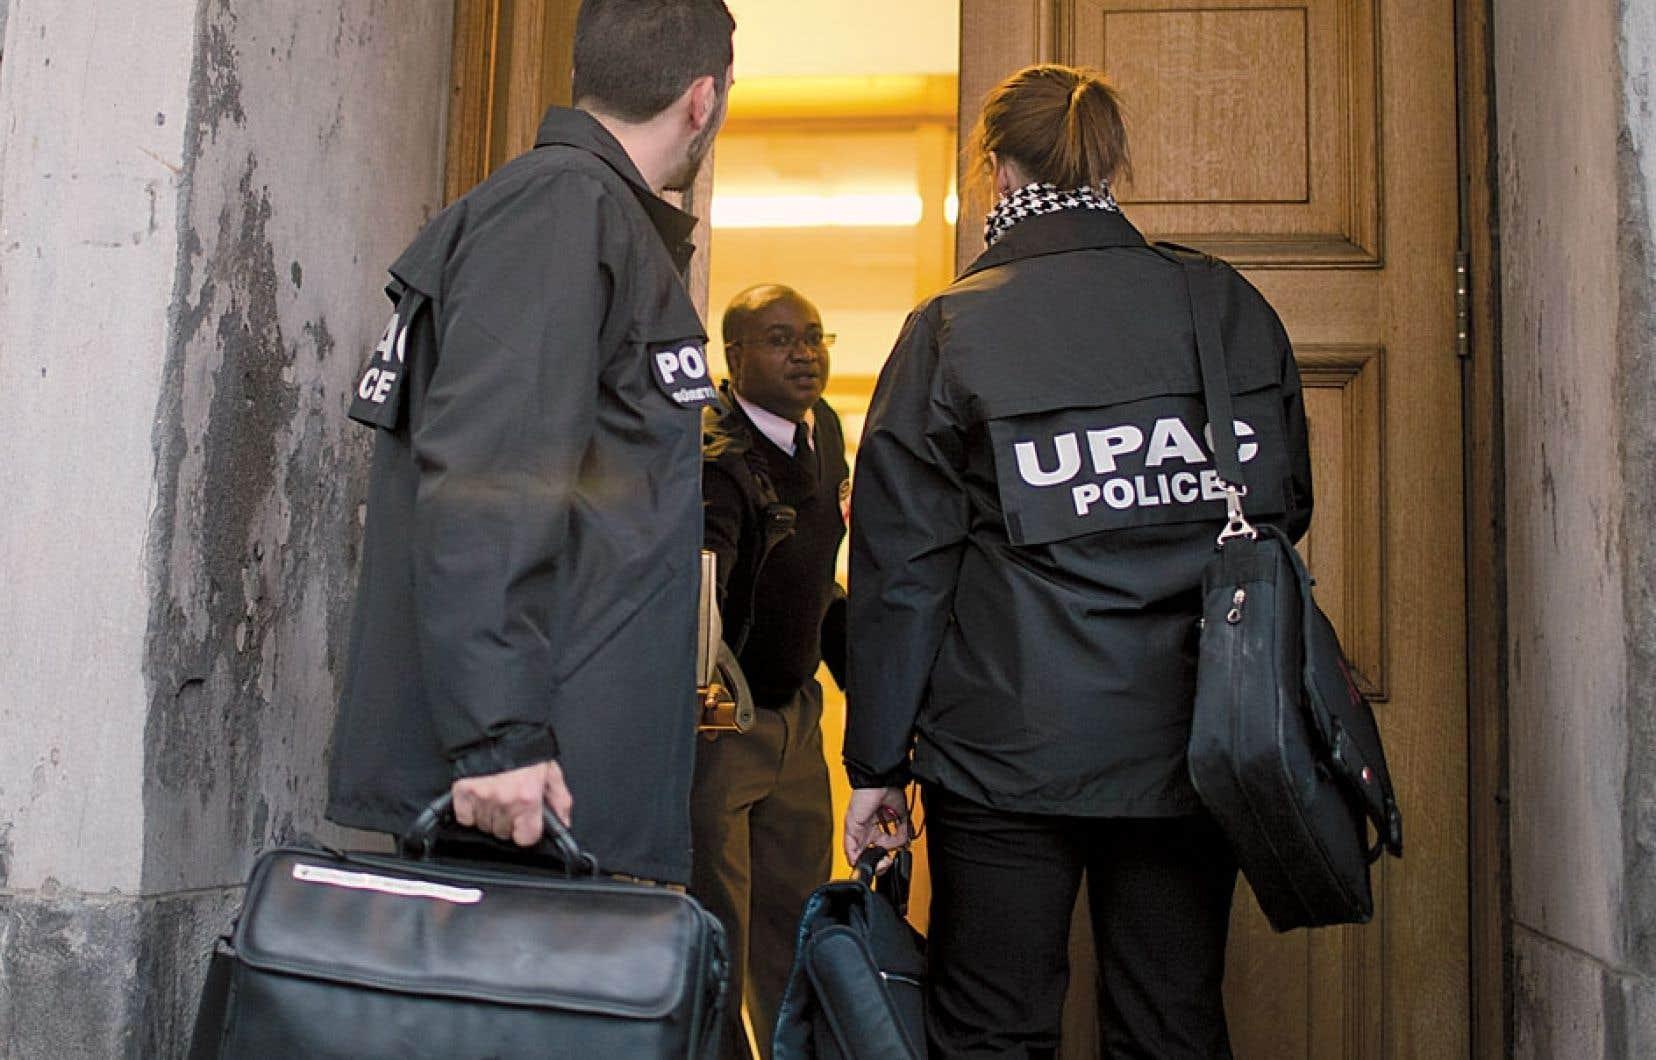 Des policiers de l'UPAC pénètrent à l'hôtel de ville de Montréal dans le cadre d'une perquisition-surprise menée en fin d'après-midi mardi.